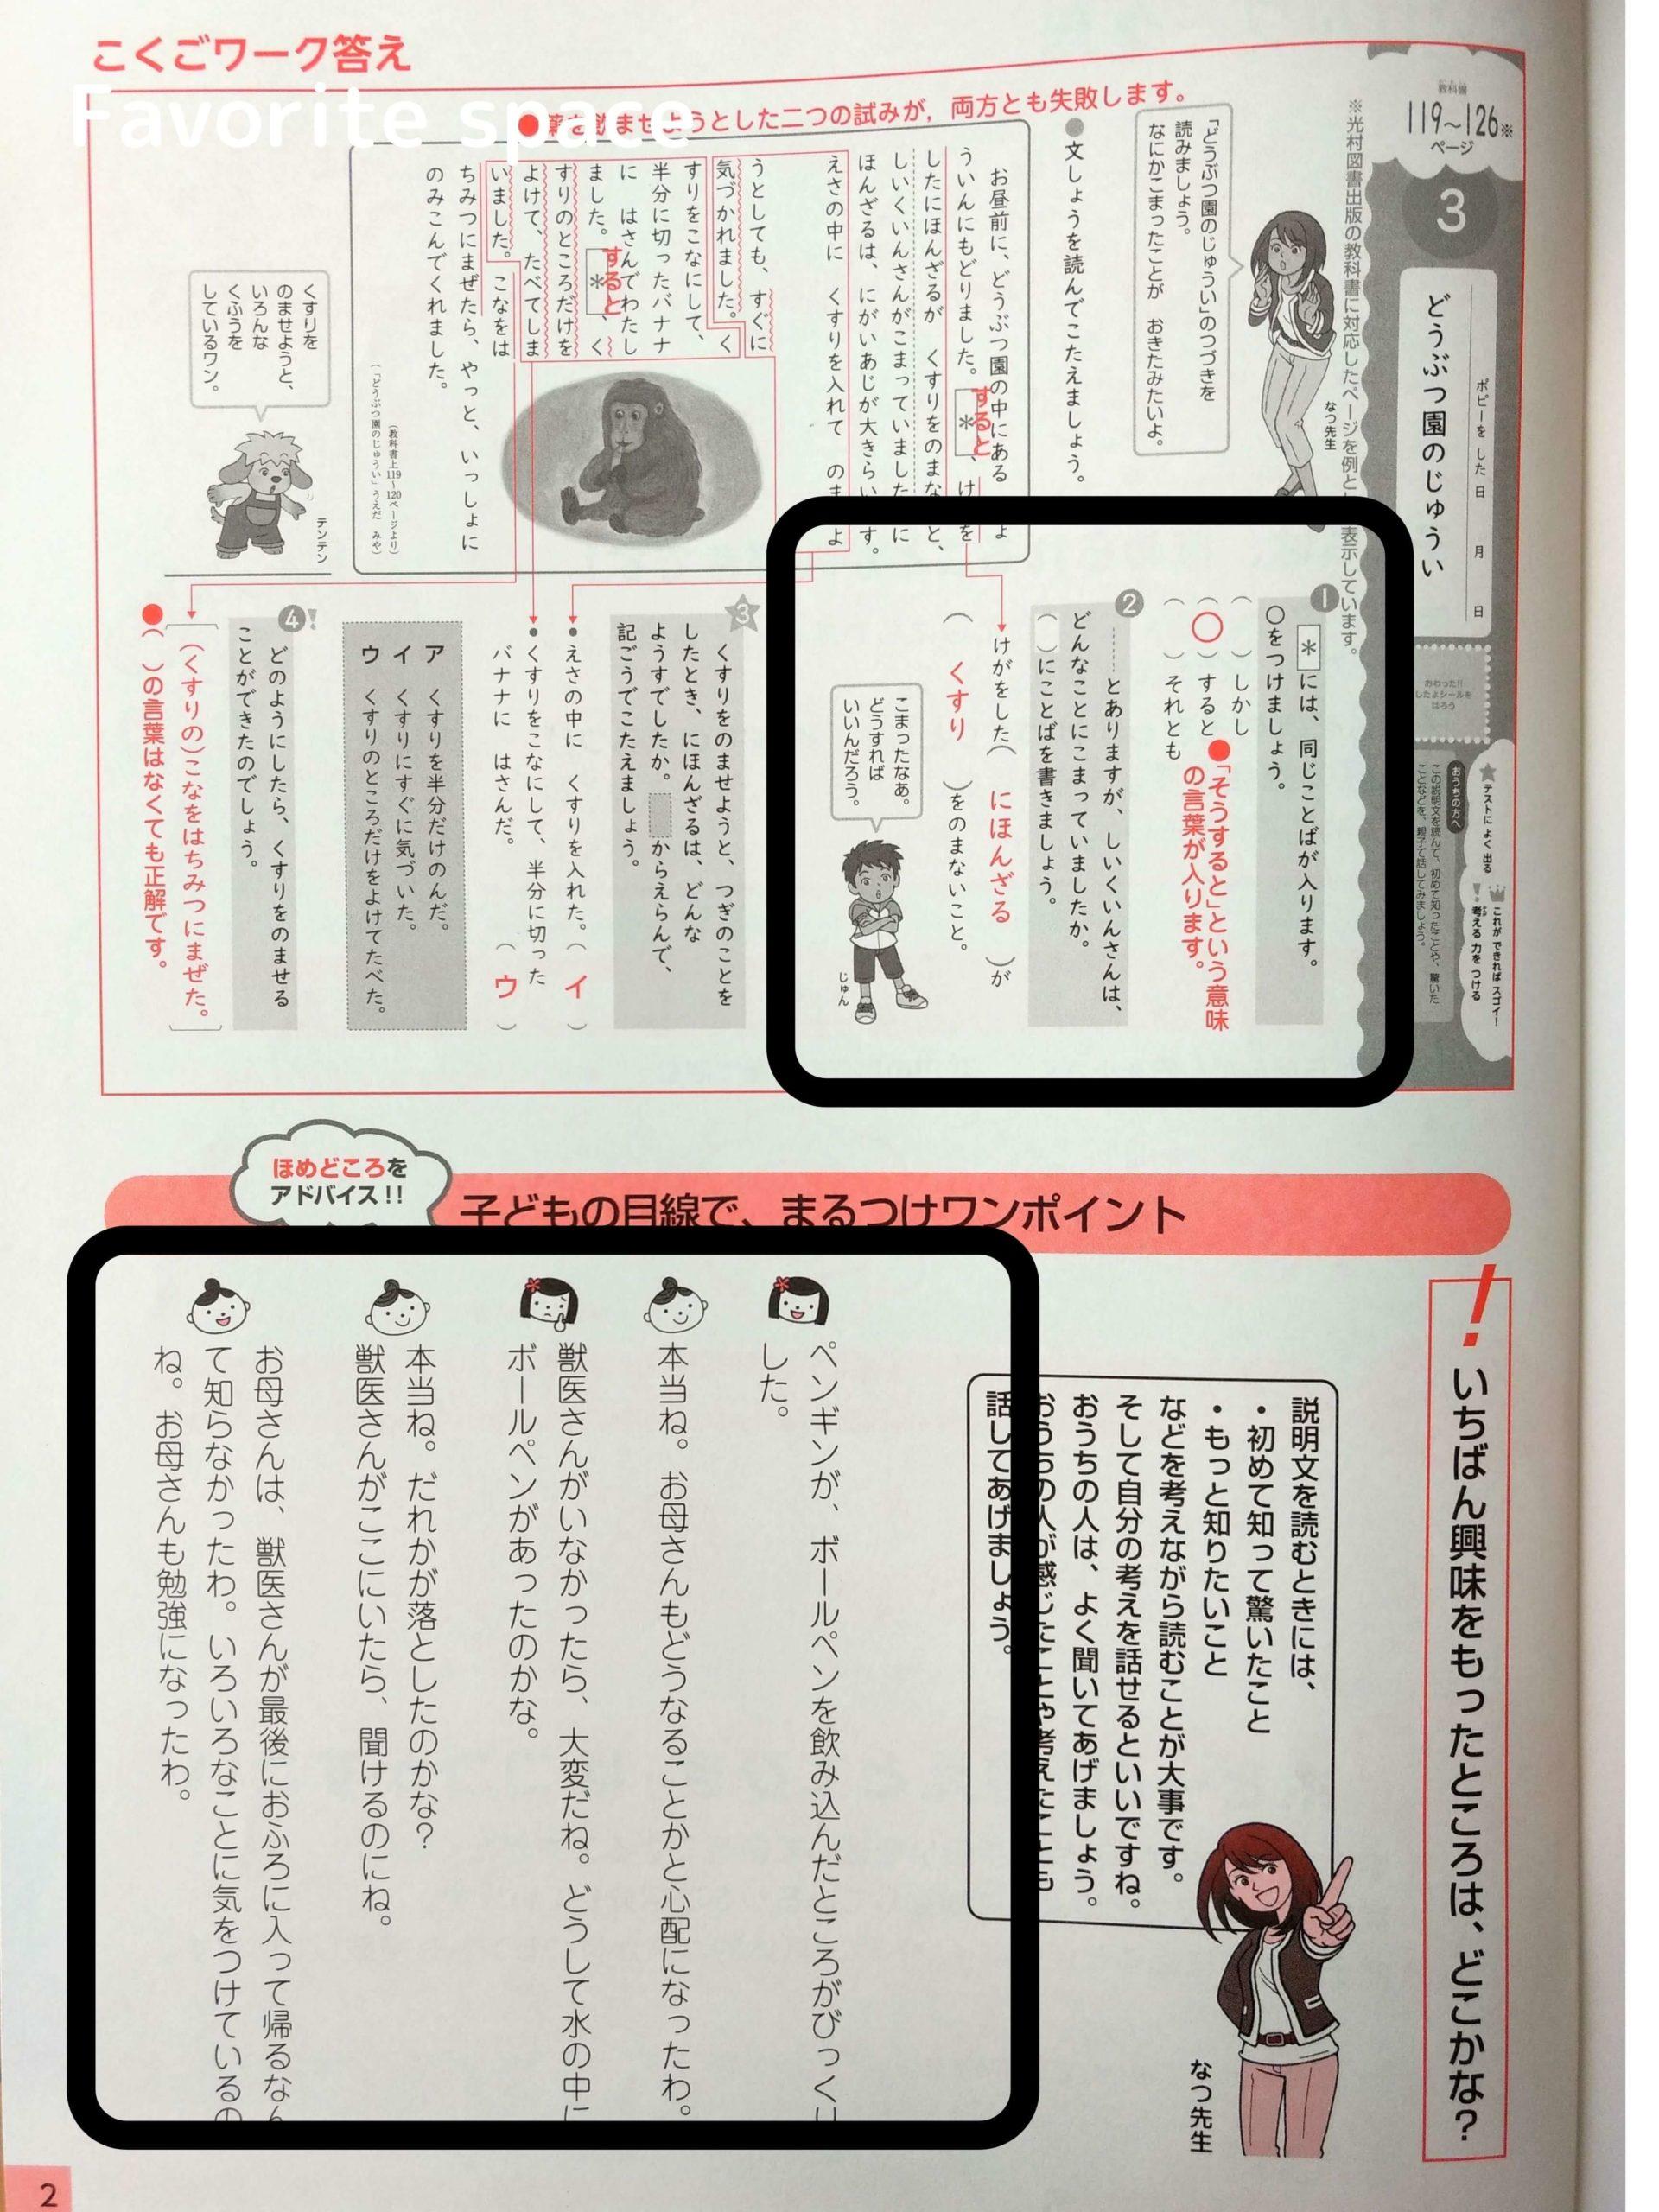 ポピーお試し見本の、国語の回答と手引きの画像